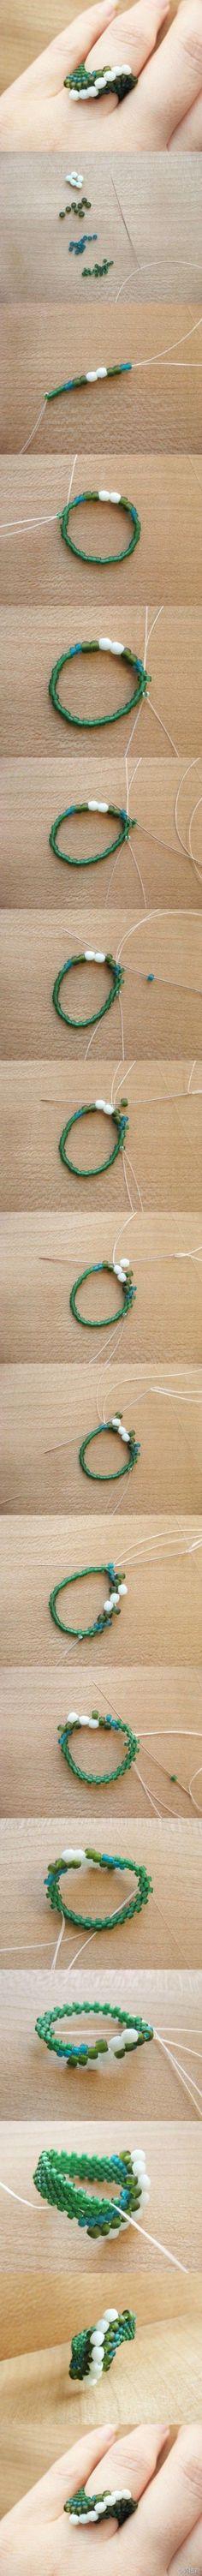 anillo mostacilla mullo ring tutorial diy bisuteria paso a paso gratis free